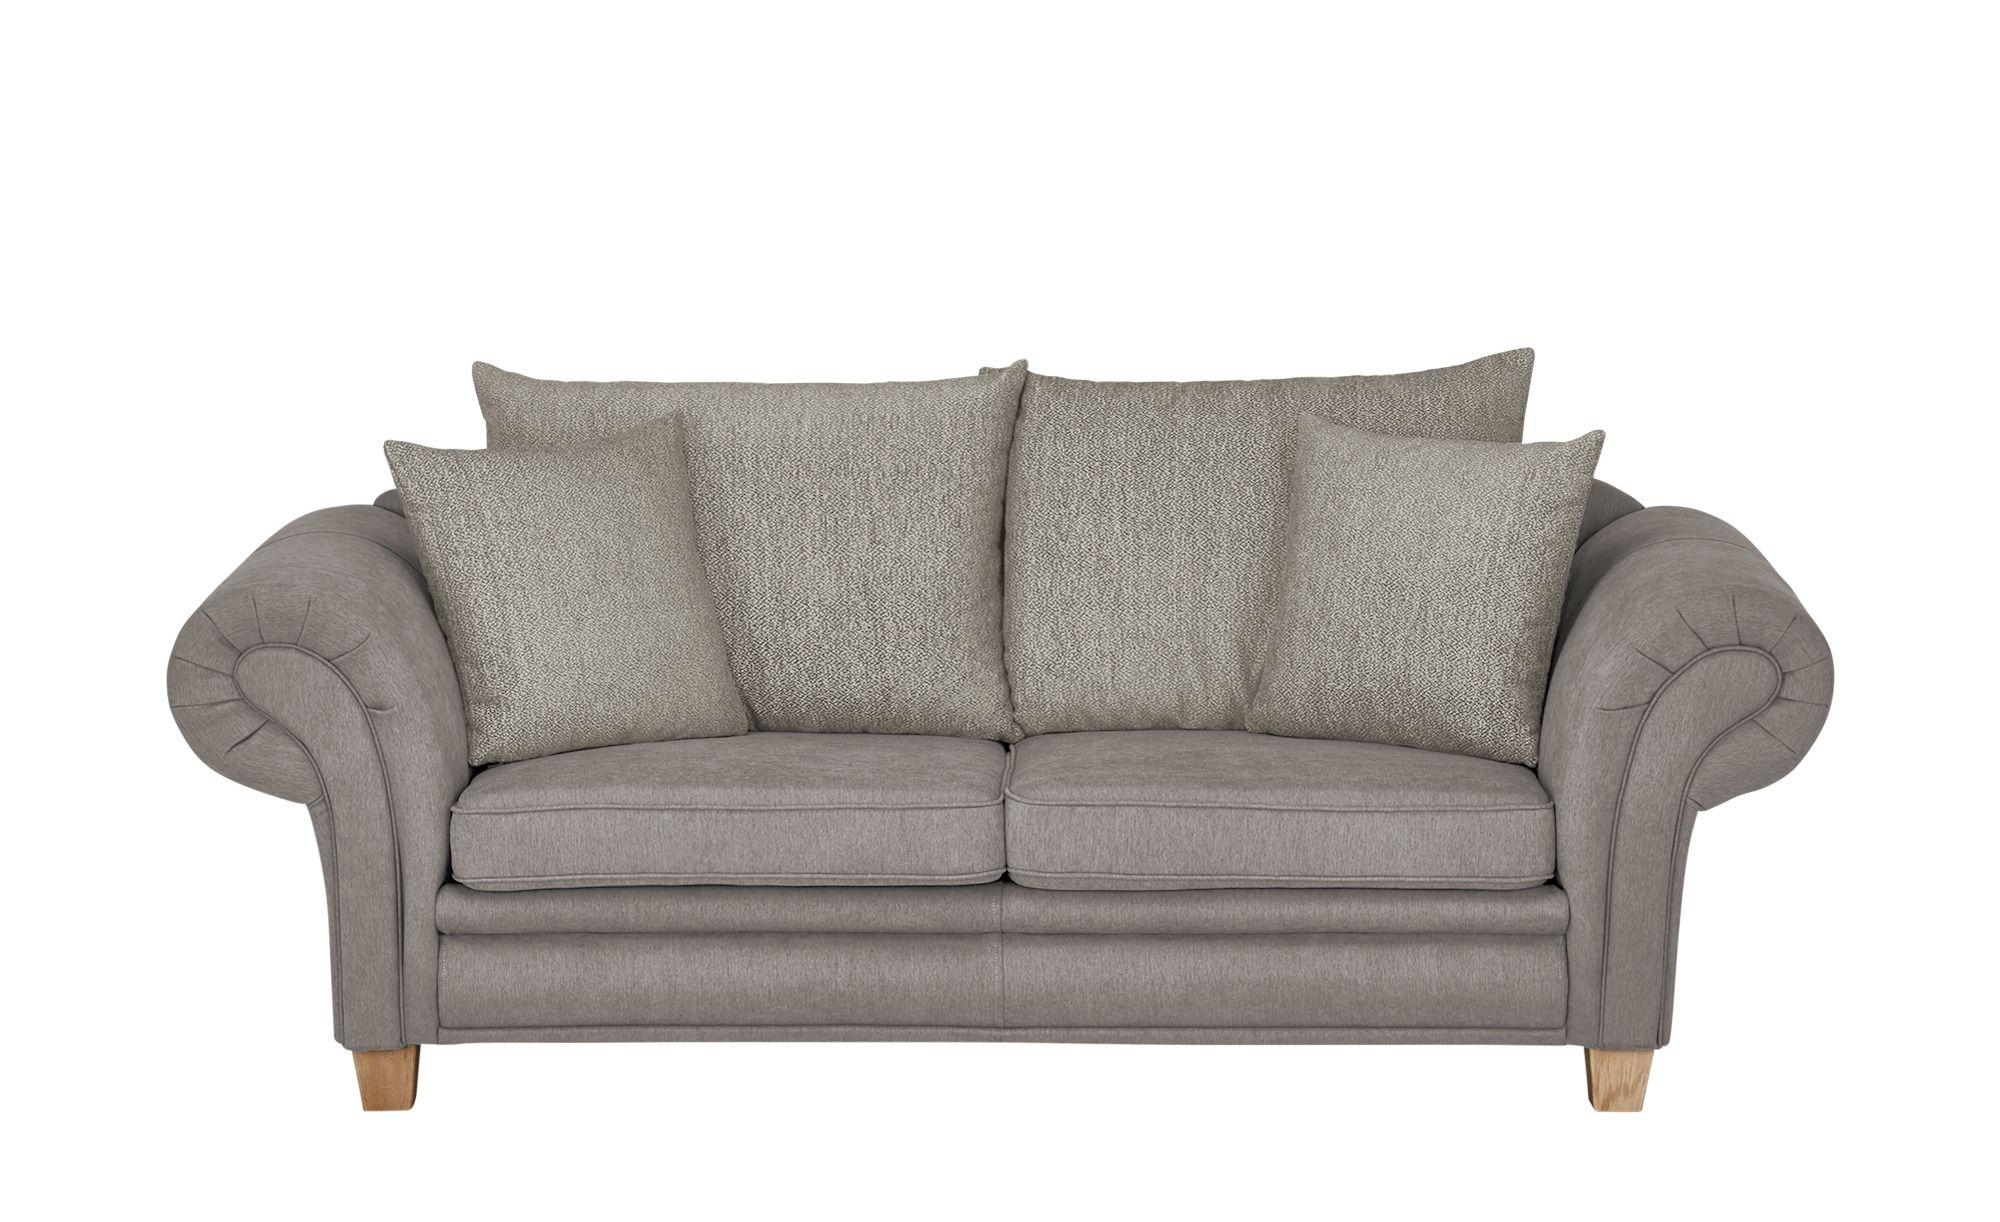 Big Sofa Gunstig Big Sofa Covers Luxus Leder Sofa Garnitur Ecksofa Mit Schlaffunktion Wohnzimmer Schlafsofa Online Sh In 2020 Gunstige Sofas Sofa Kleine Kissen